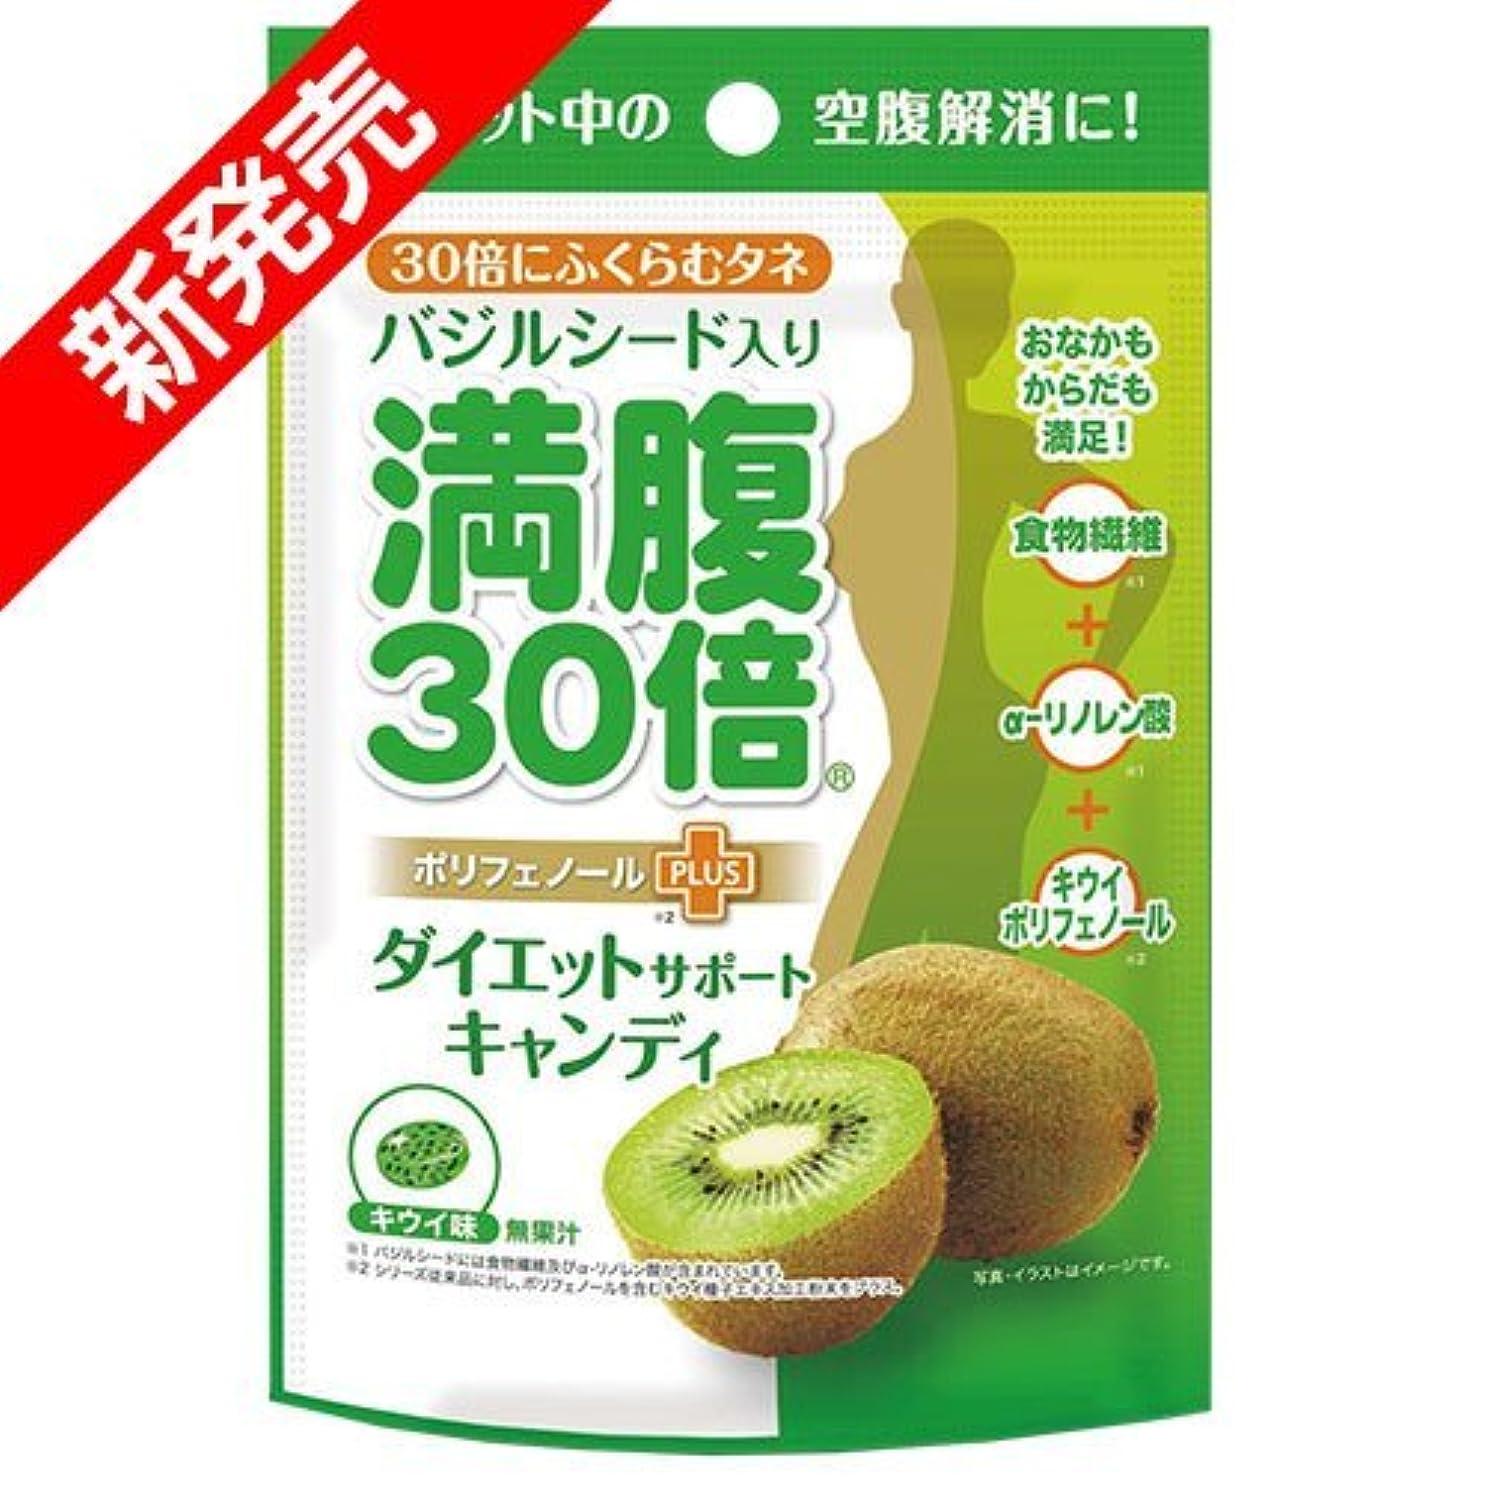 オフ北細菌満腹30倍 ダイエットサポートキャンディ キウイ